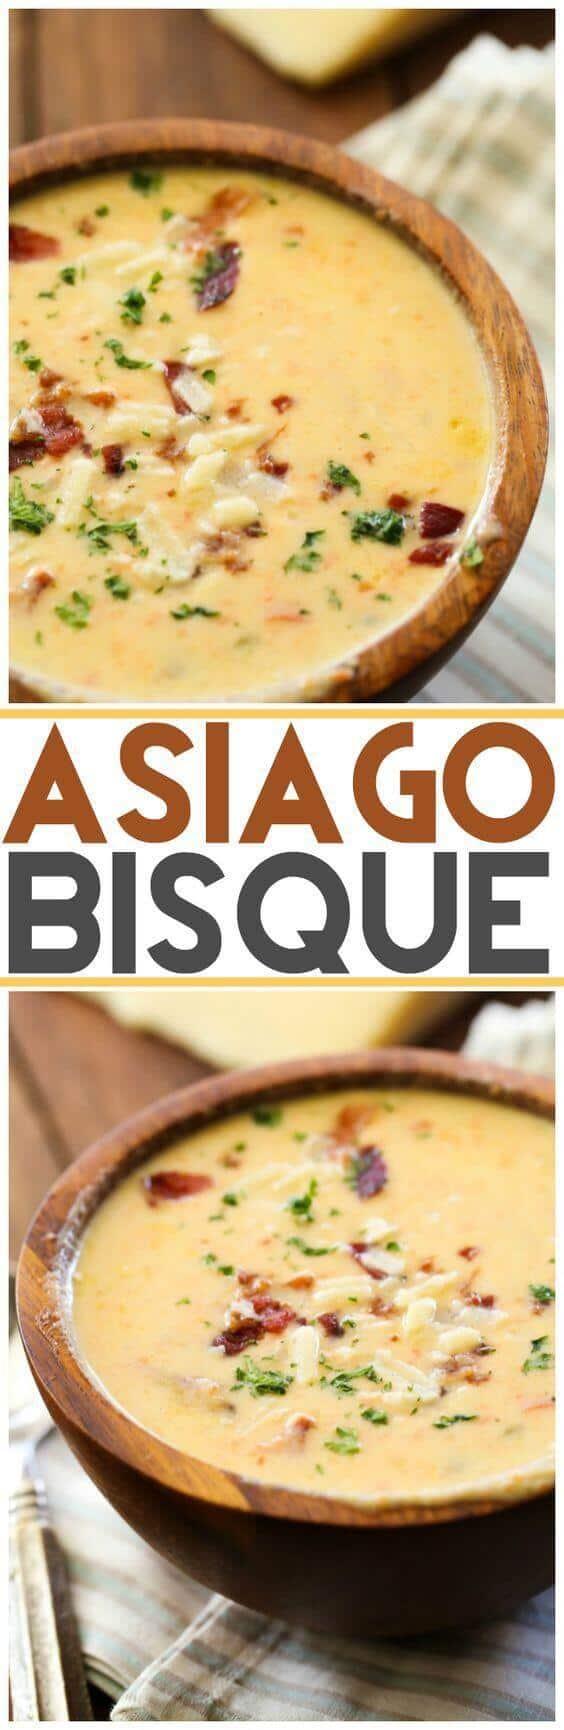 Asiago Bisque